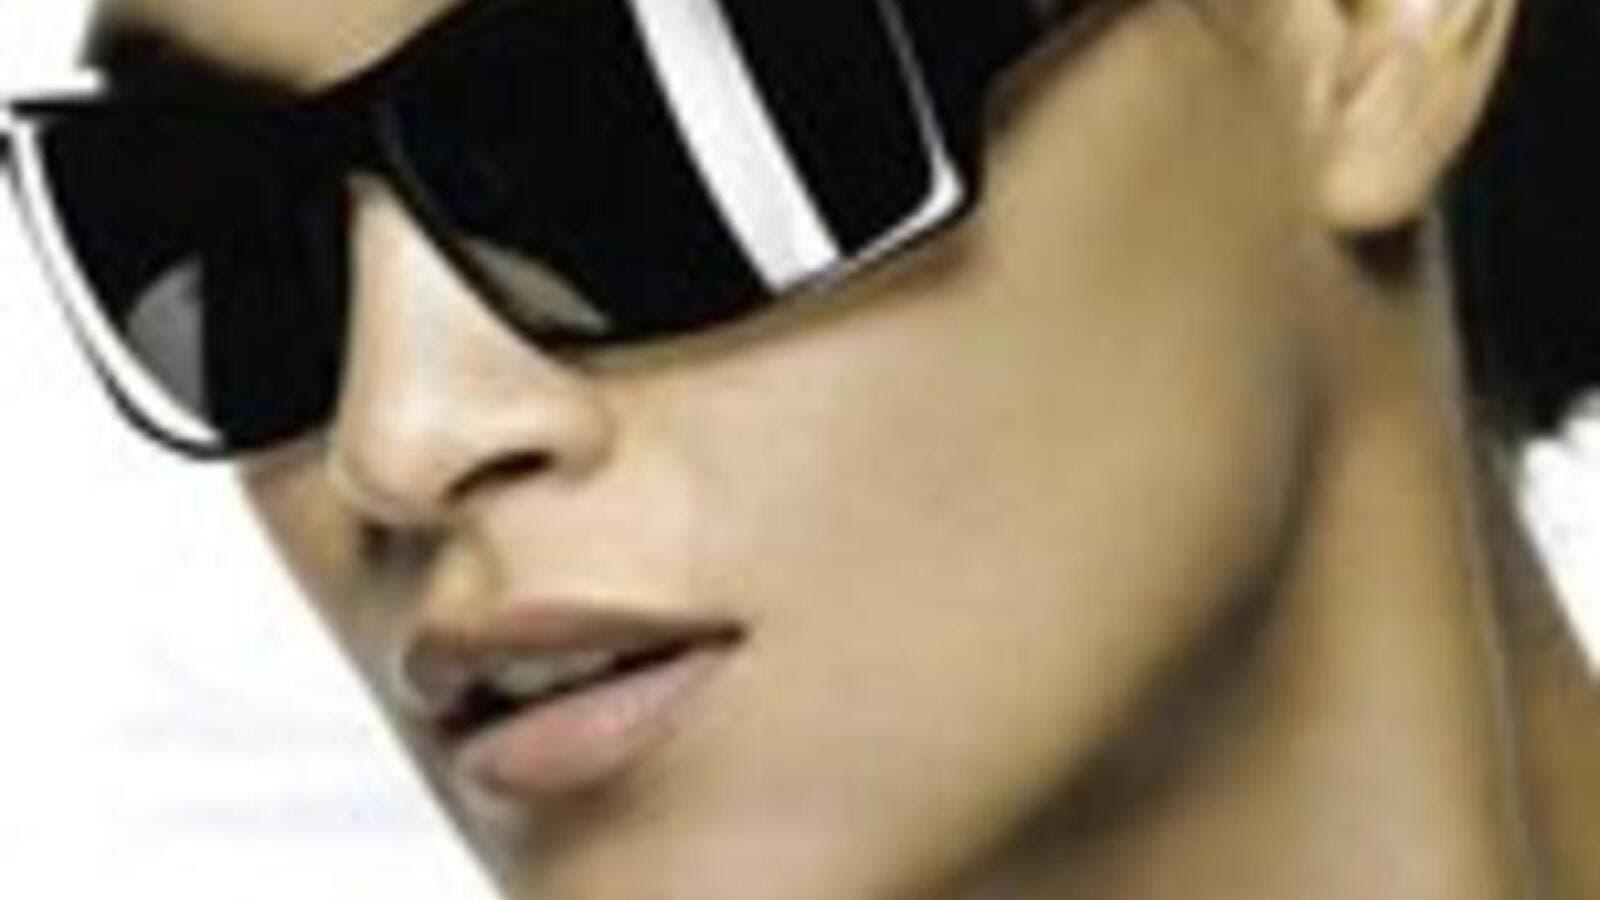 ecd258ca3 هل النظارات الشمسية الباهظة تحمي من الاشعة الضارة افضل من تلك الرخيصة؟